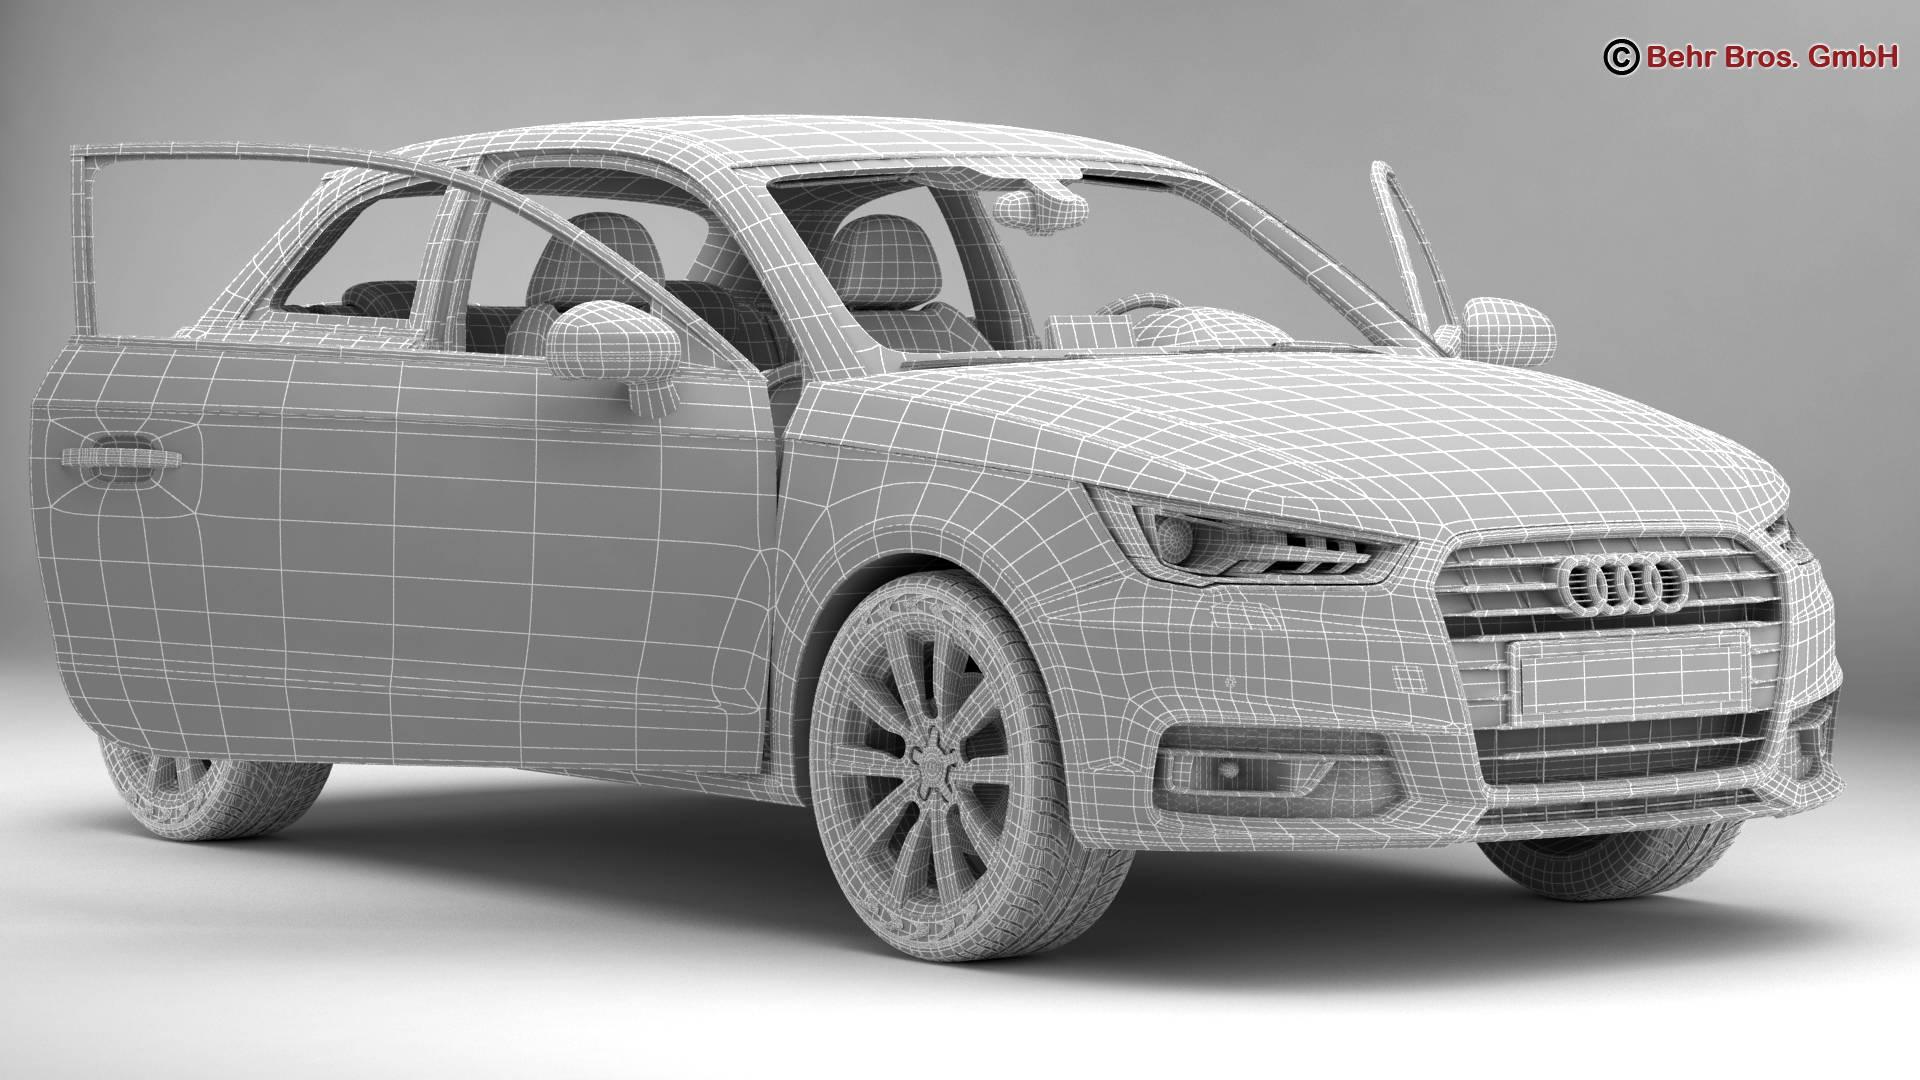 Audi a1 2015 3d model 3ds max fbx c4d am fwy o wybodaeth 214711